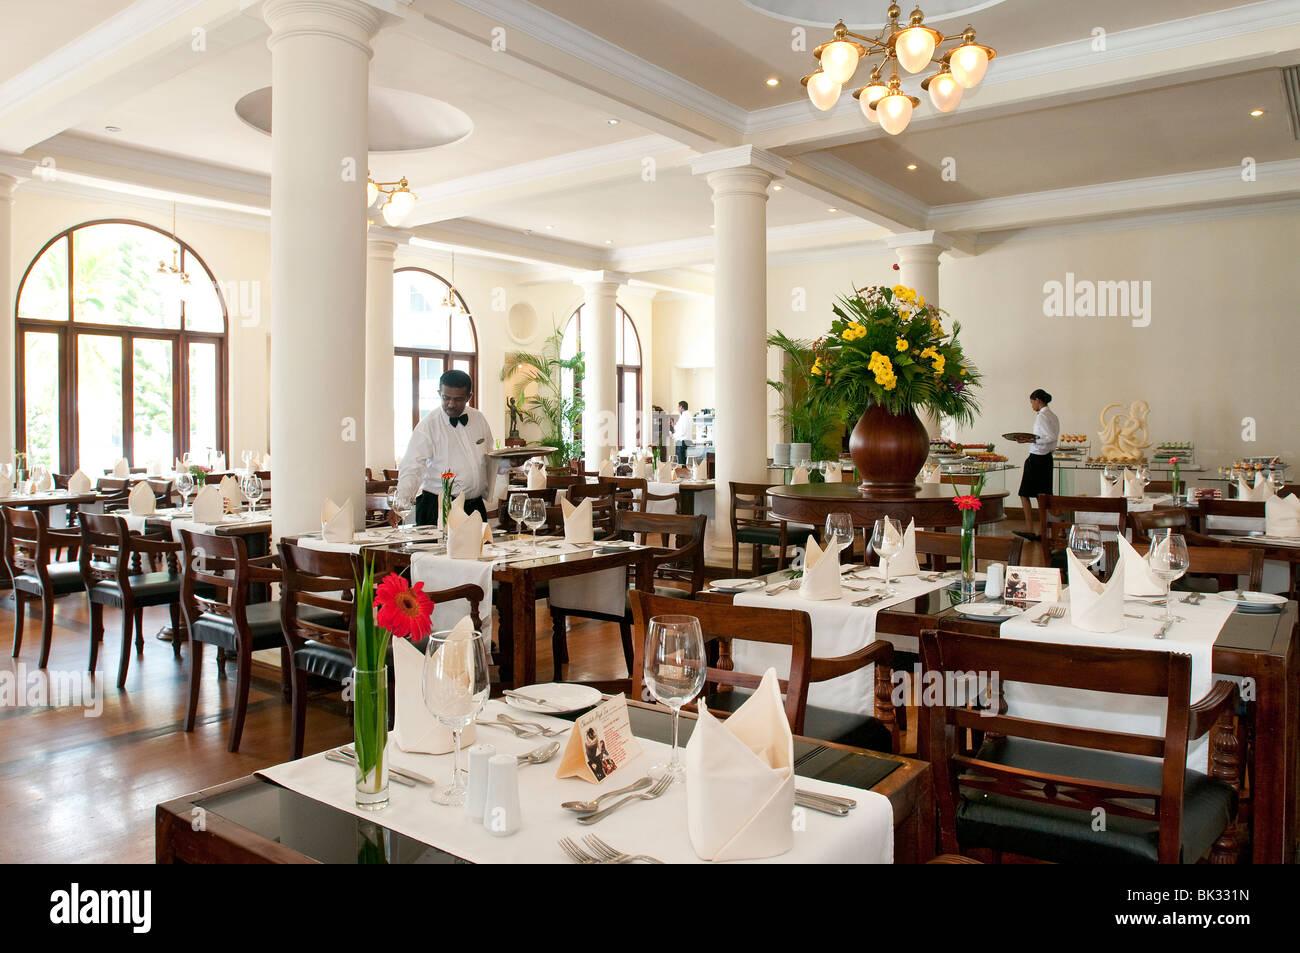 Buffet Restaurant Dining Room At Mount Lavinia Hotel Sri Lanka